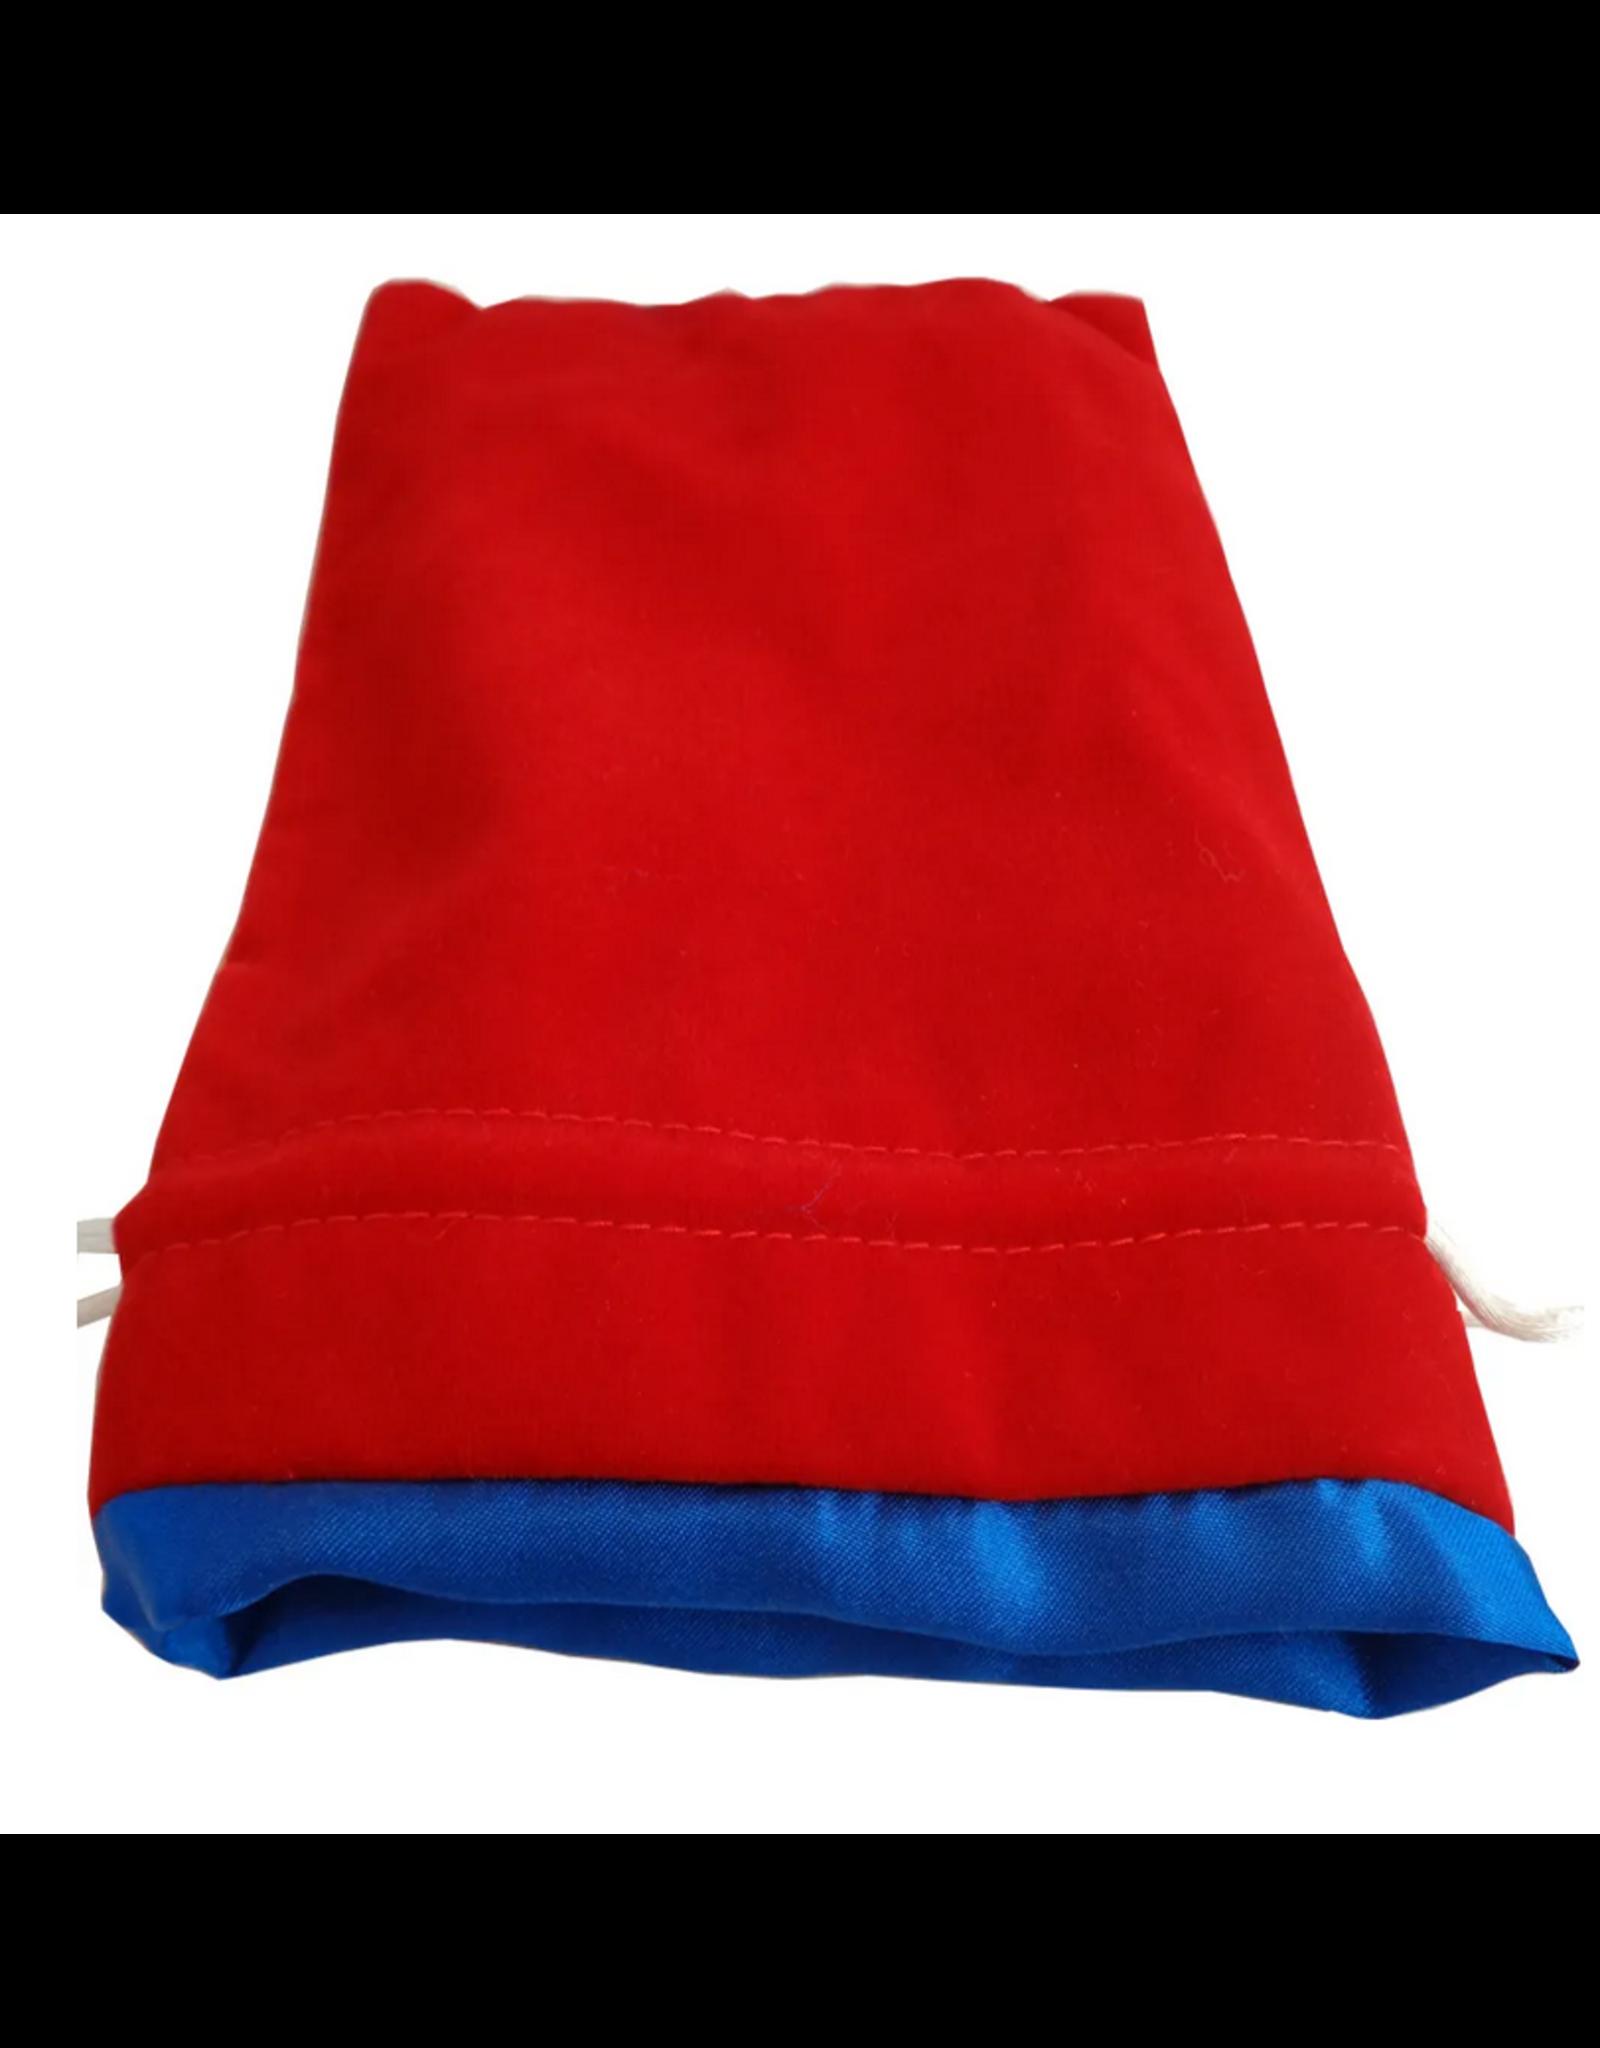 Dice 6in x 8in Large Red Velvet Dice bag